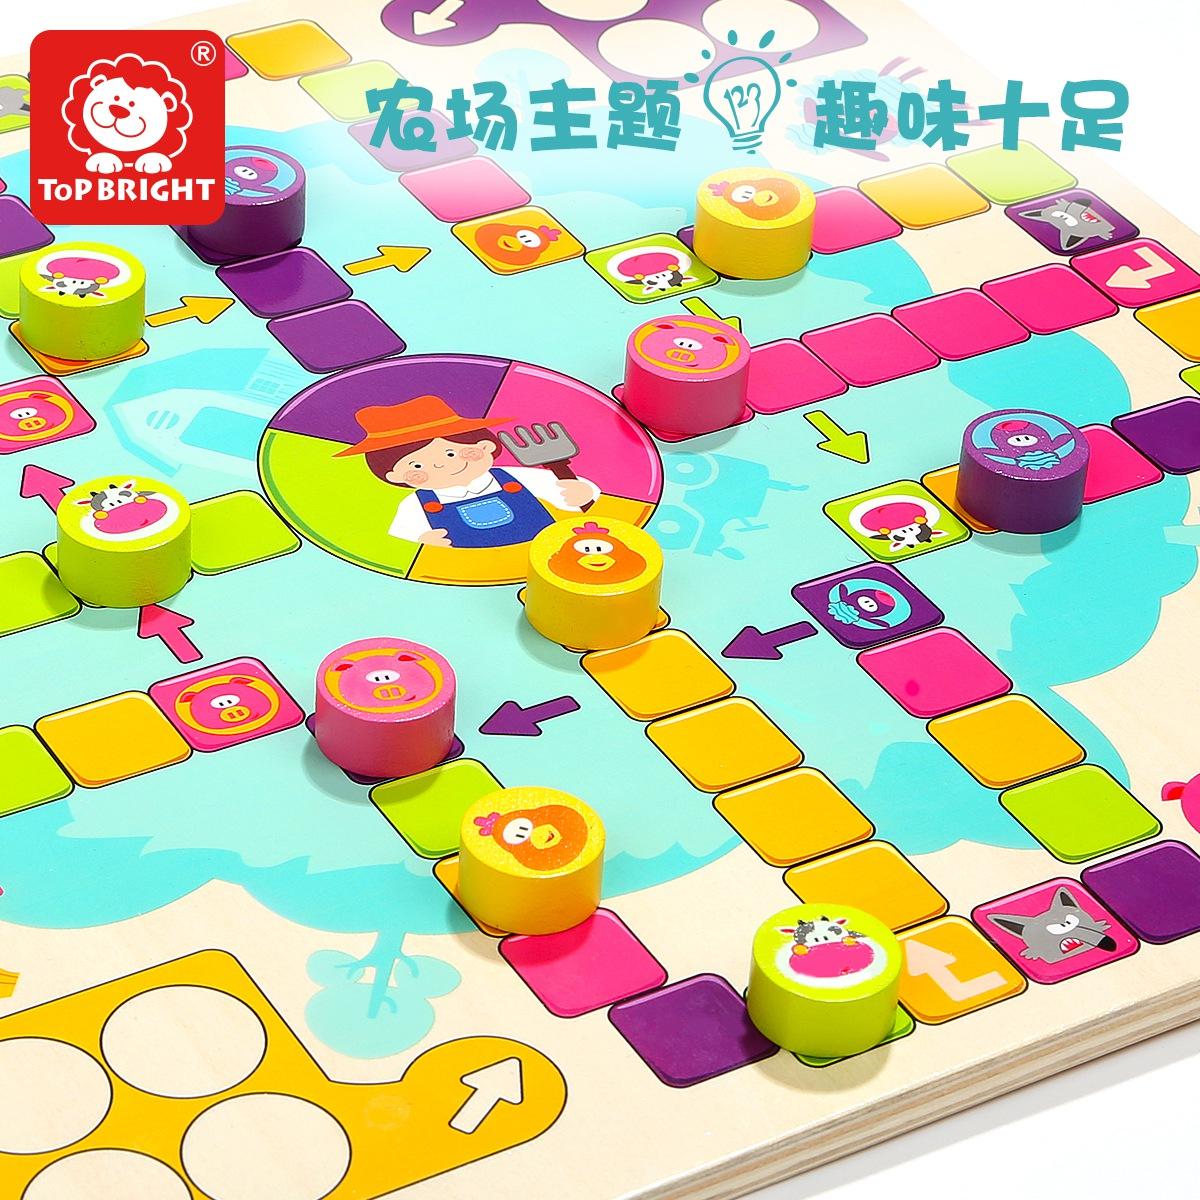 幼兒園桌遊互動棋類益智玩具4-6歲兒童飛行棋親子游戲跳跳棋盤